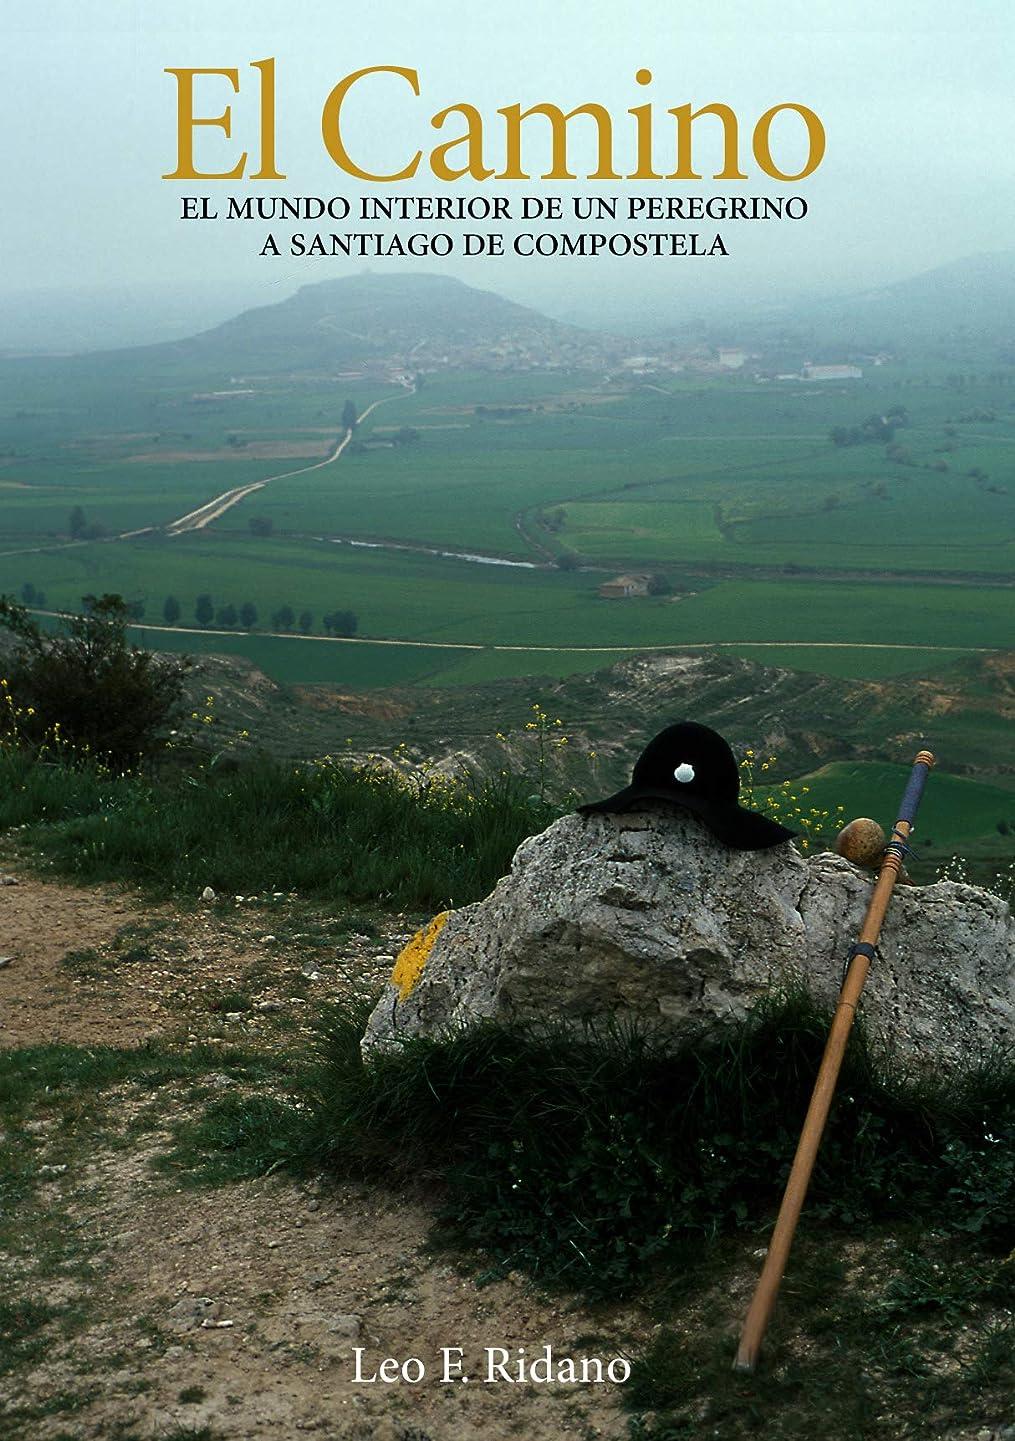 El Camino: El mundo interior de un peregrino a Santiago de Compostela. (Spanish Edition)